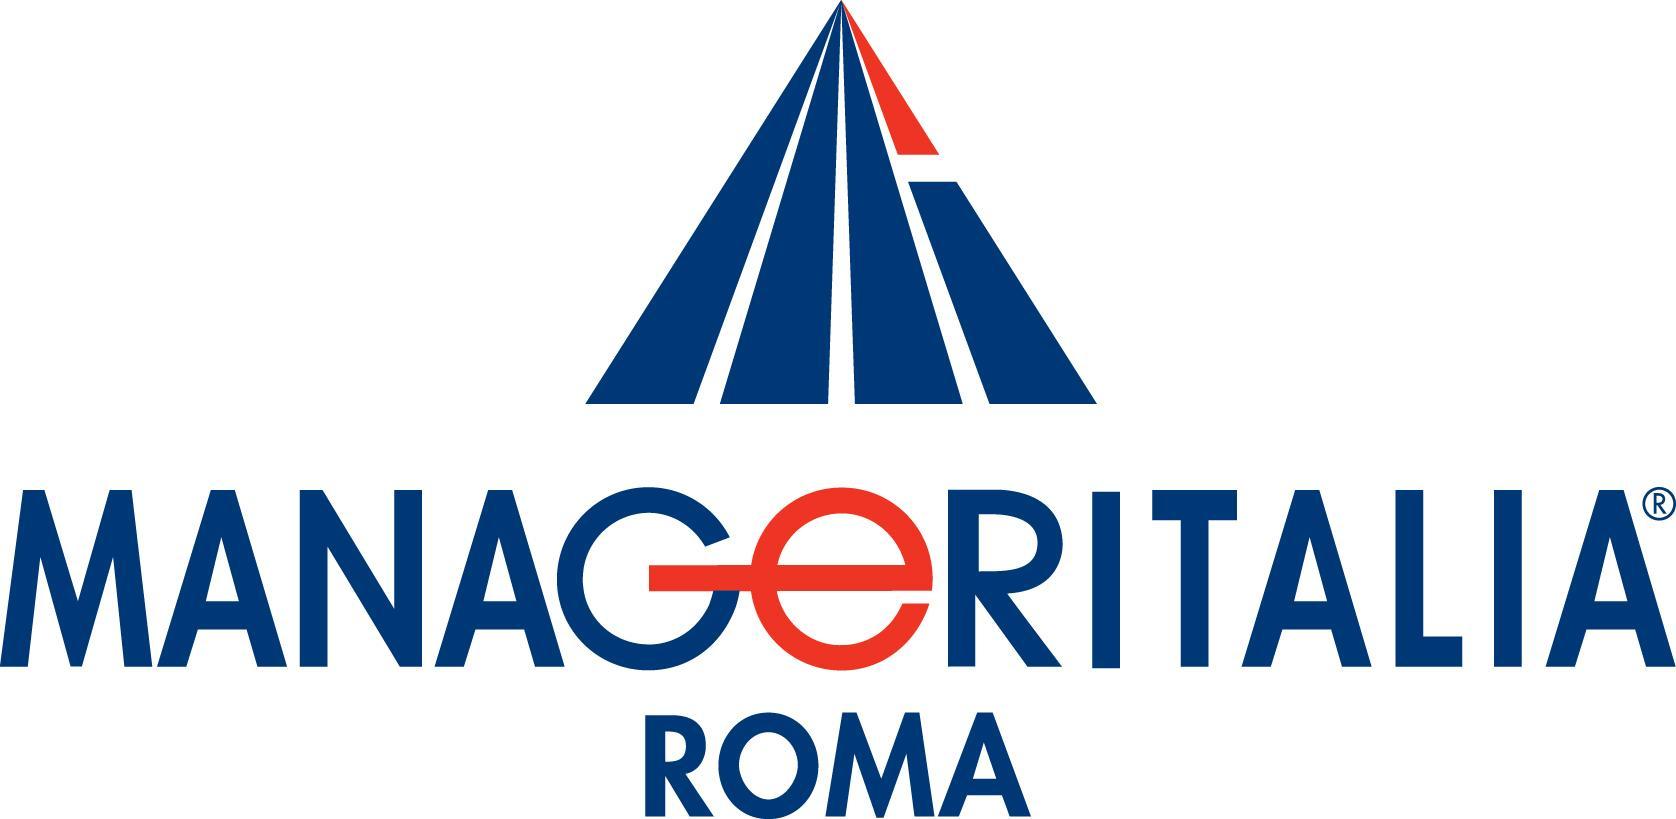 MANAGERITALIA ROMA